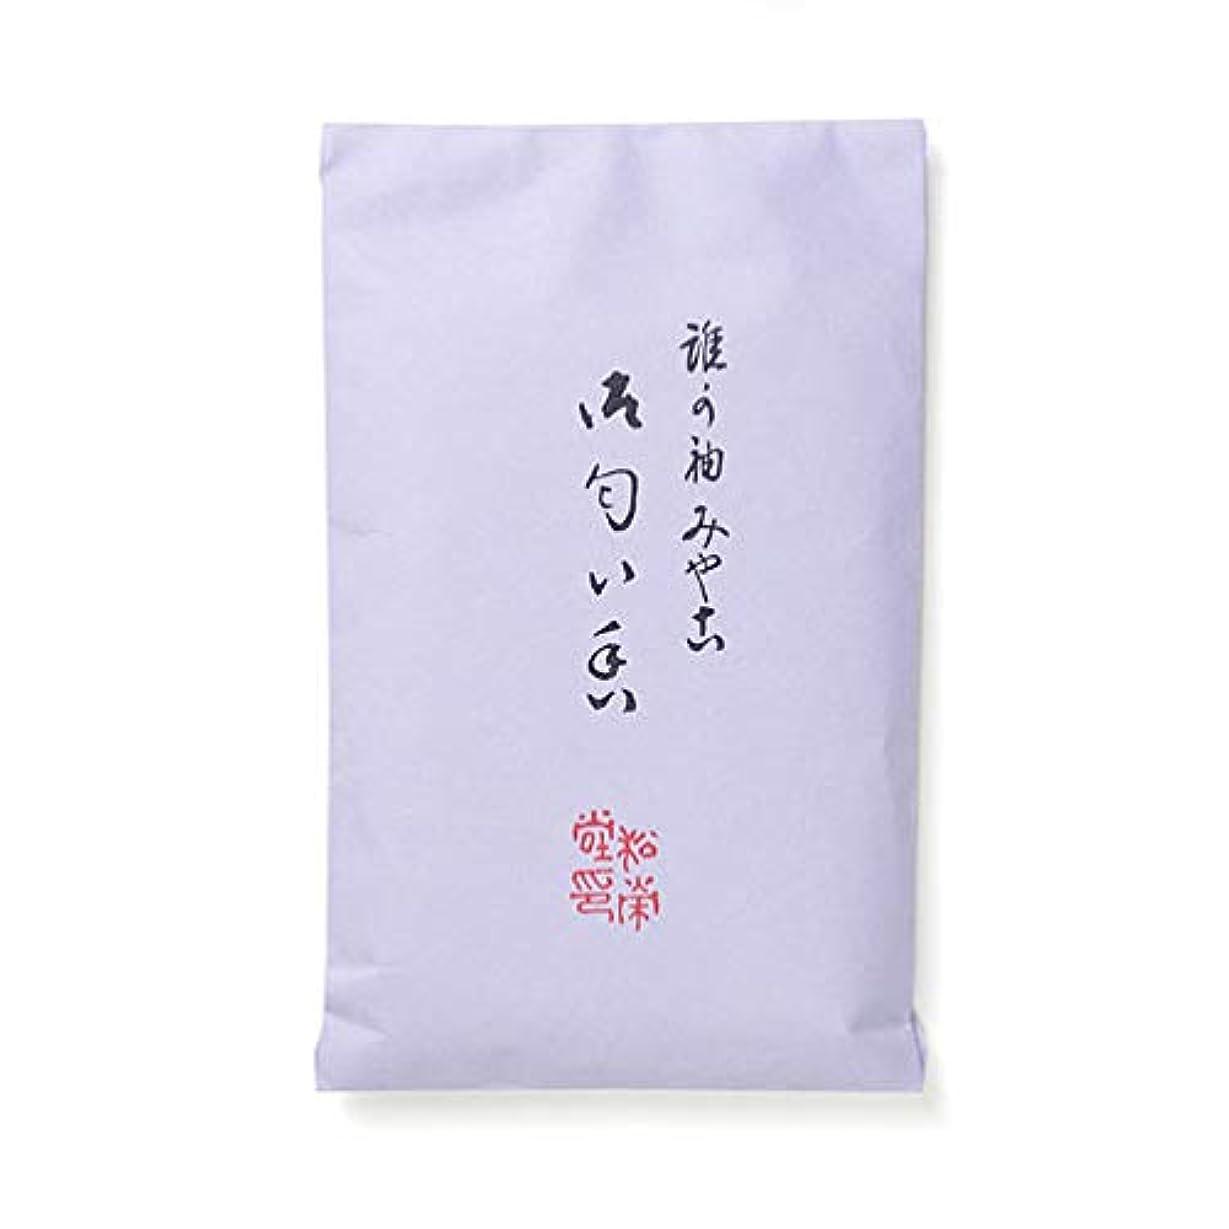 気分が良い知覚的適用する松栄堂 誰が袖 みやこ 匂い香 50g袋入